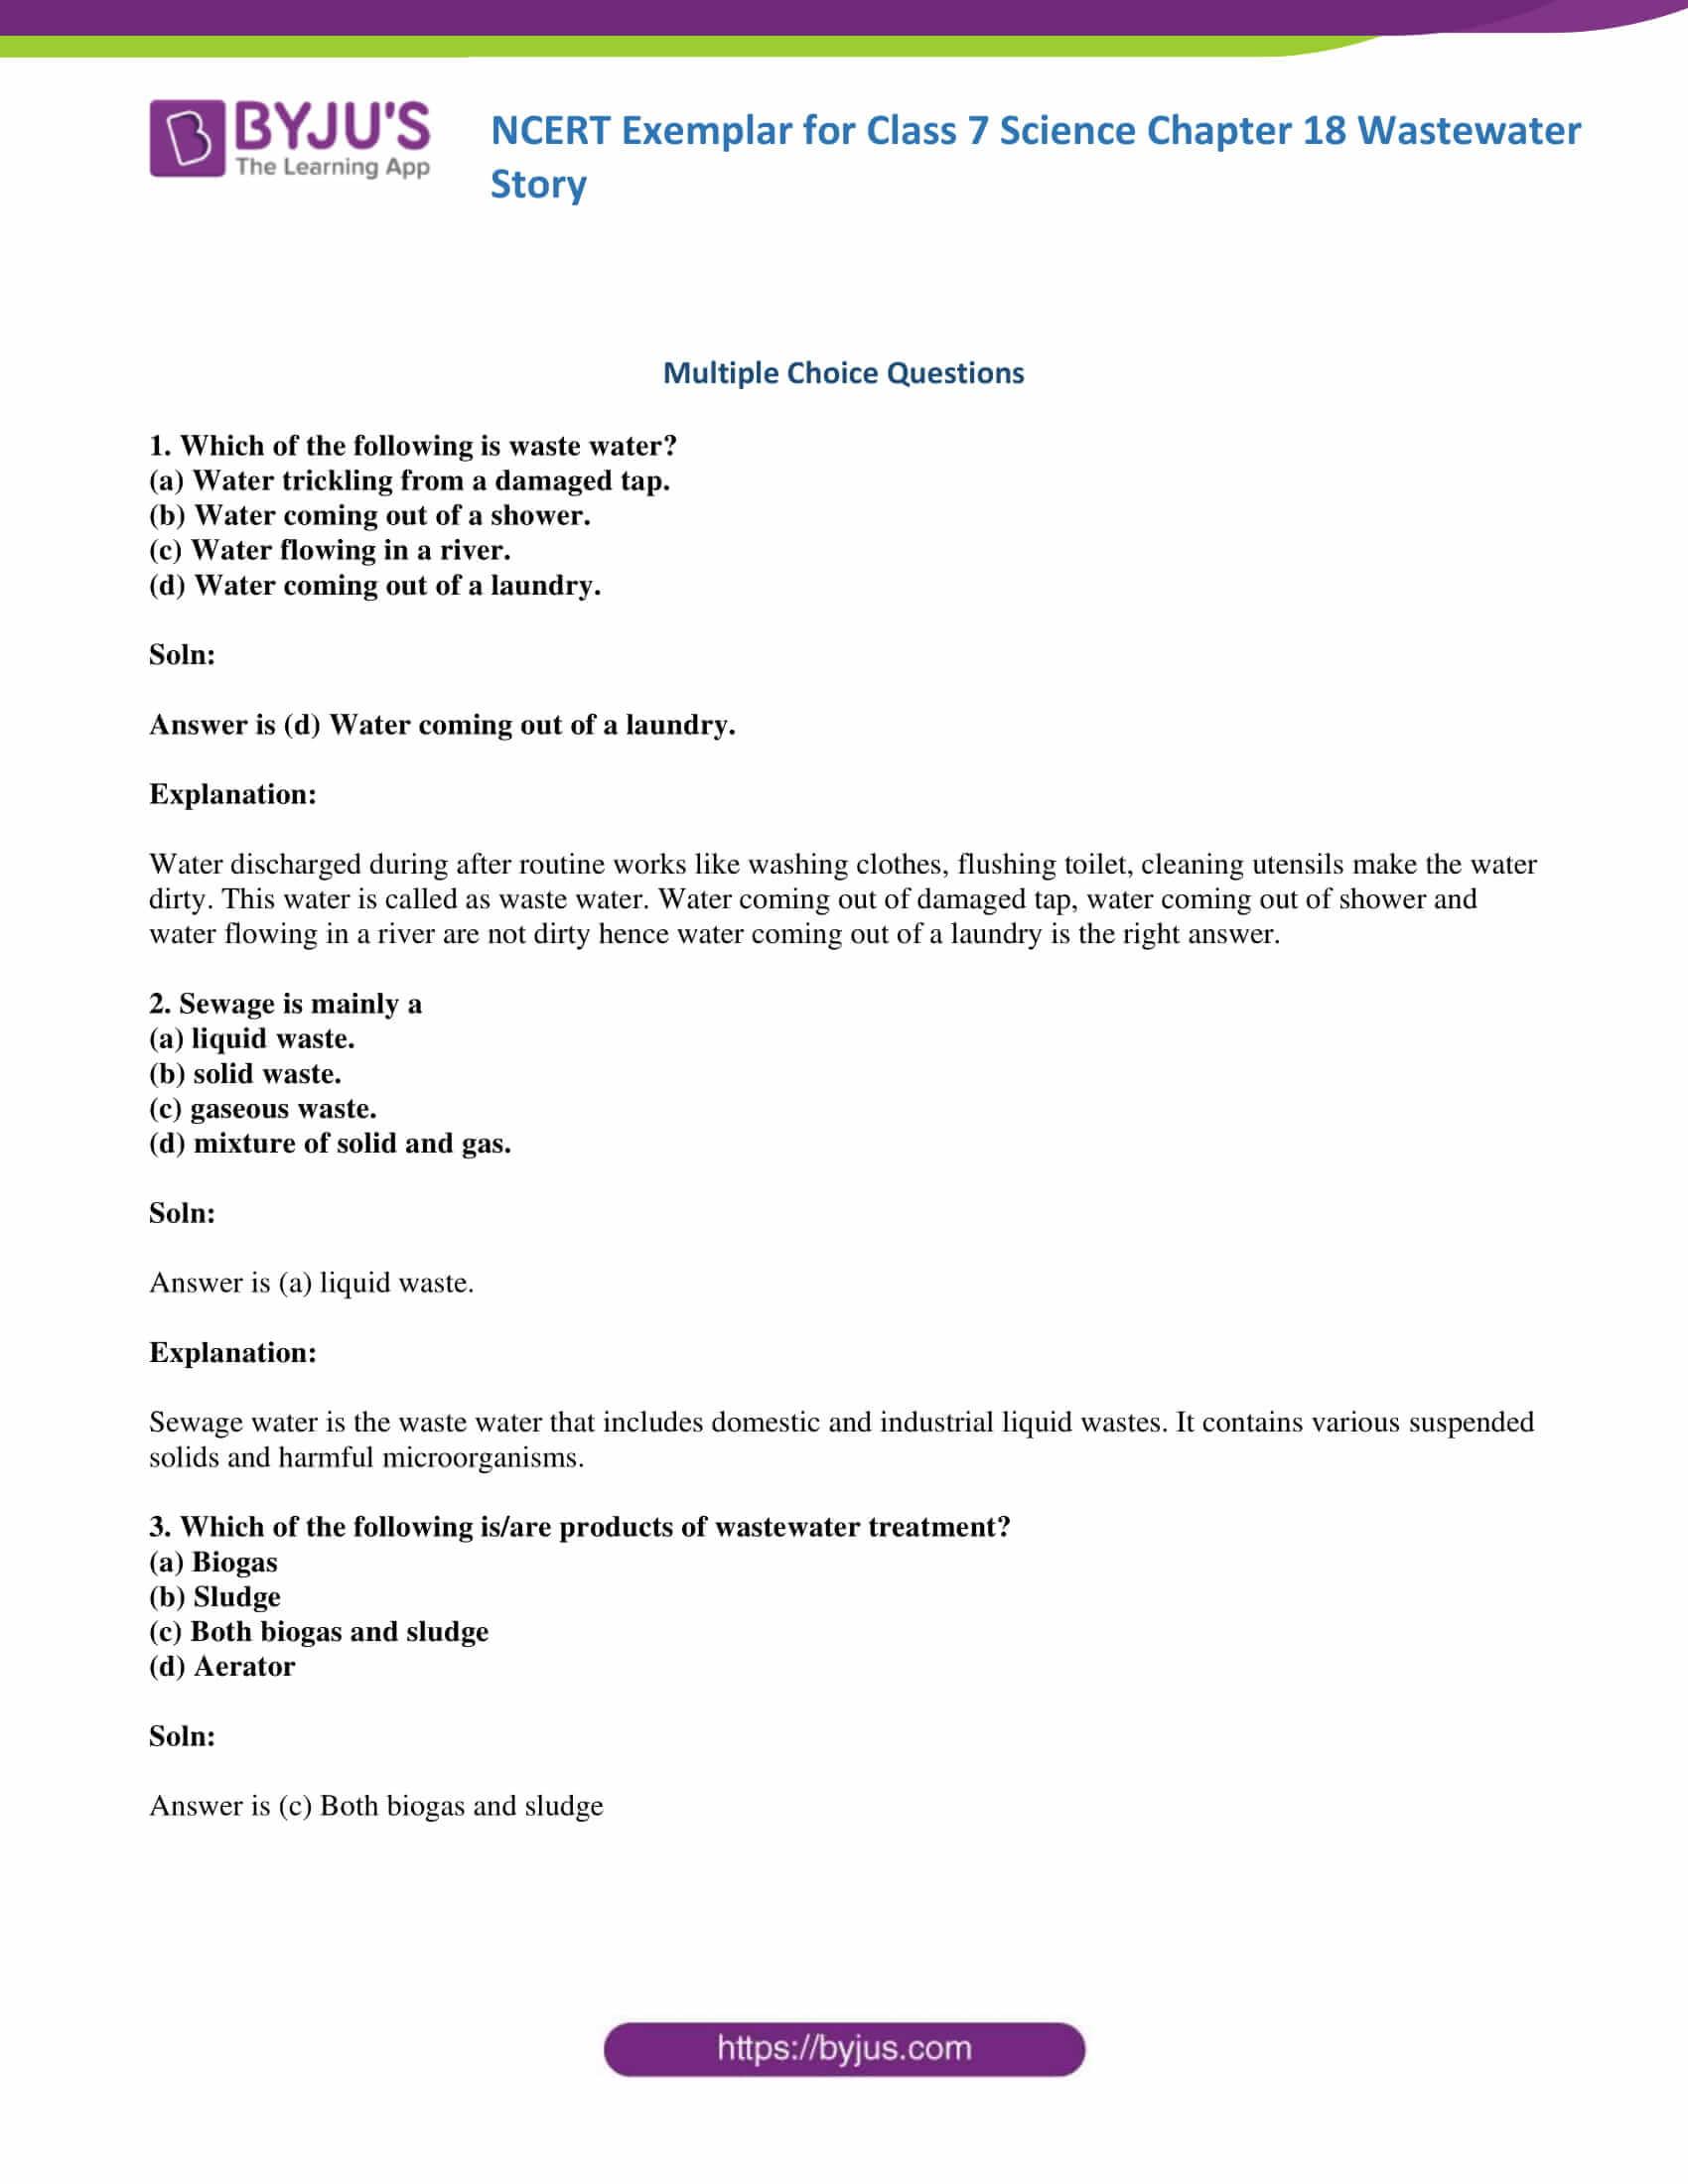 NCERT Exemplar solution class 7 science Chapter 18 1